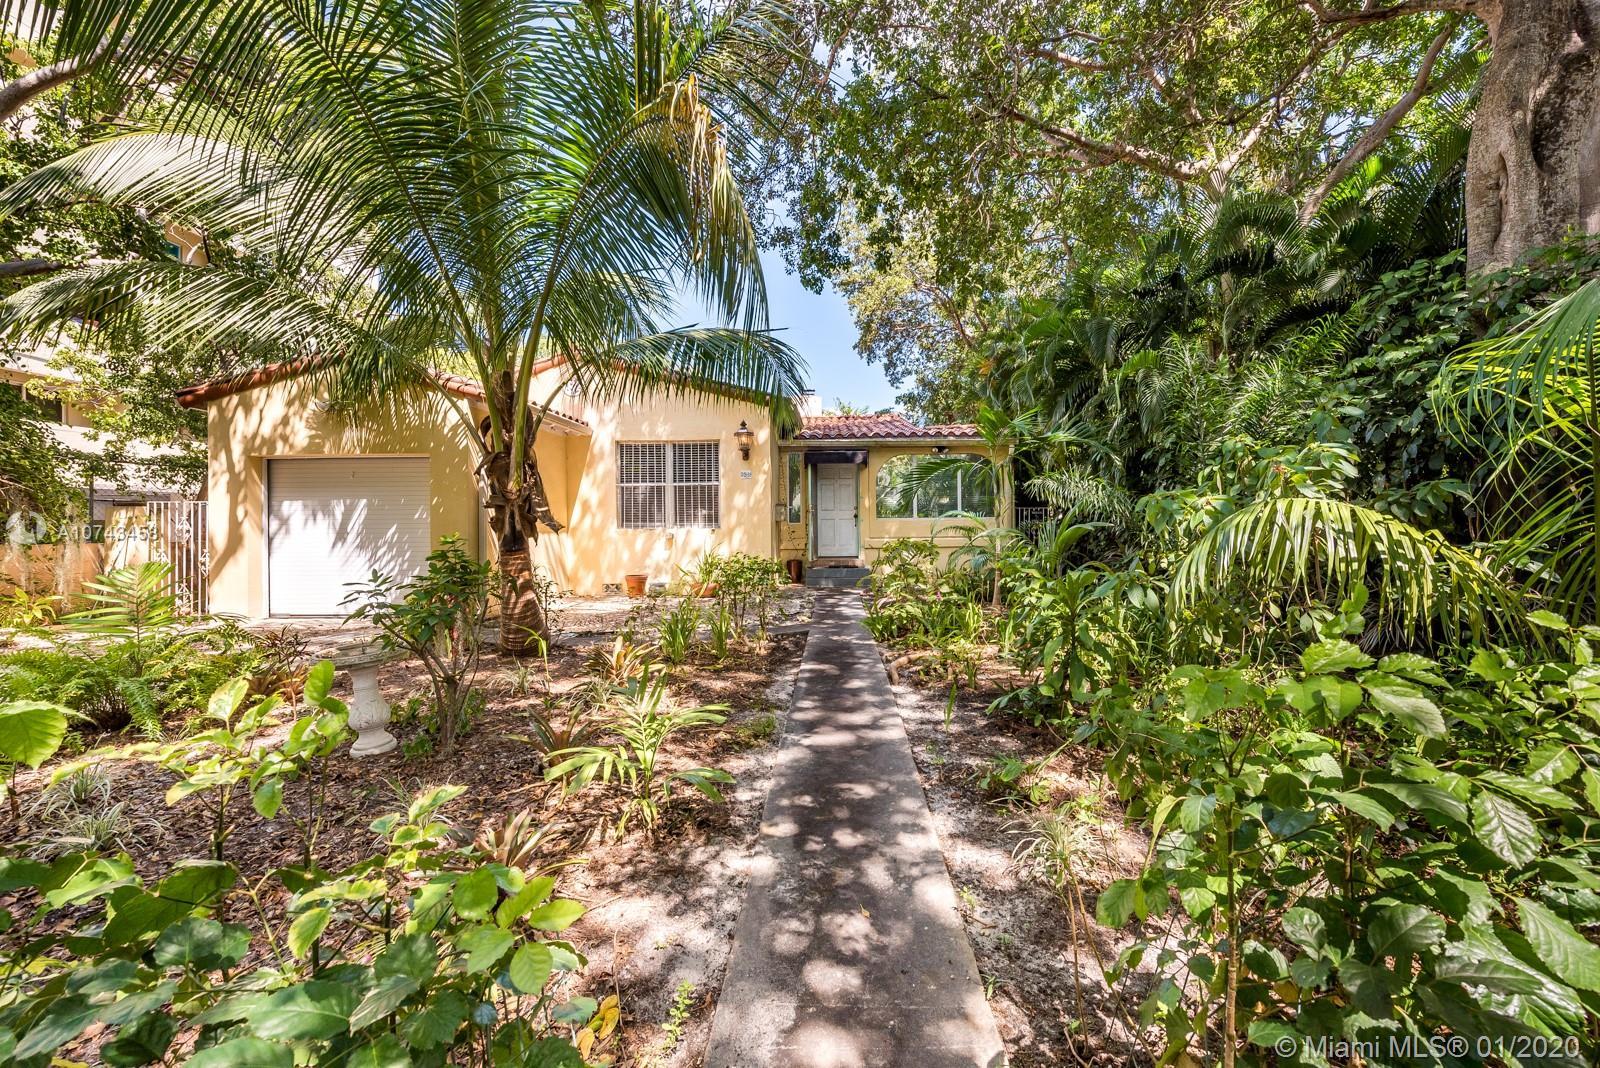 5981 NE 6th Ave - Miami, Florida